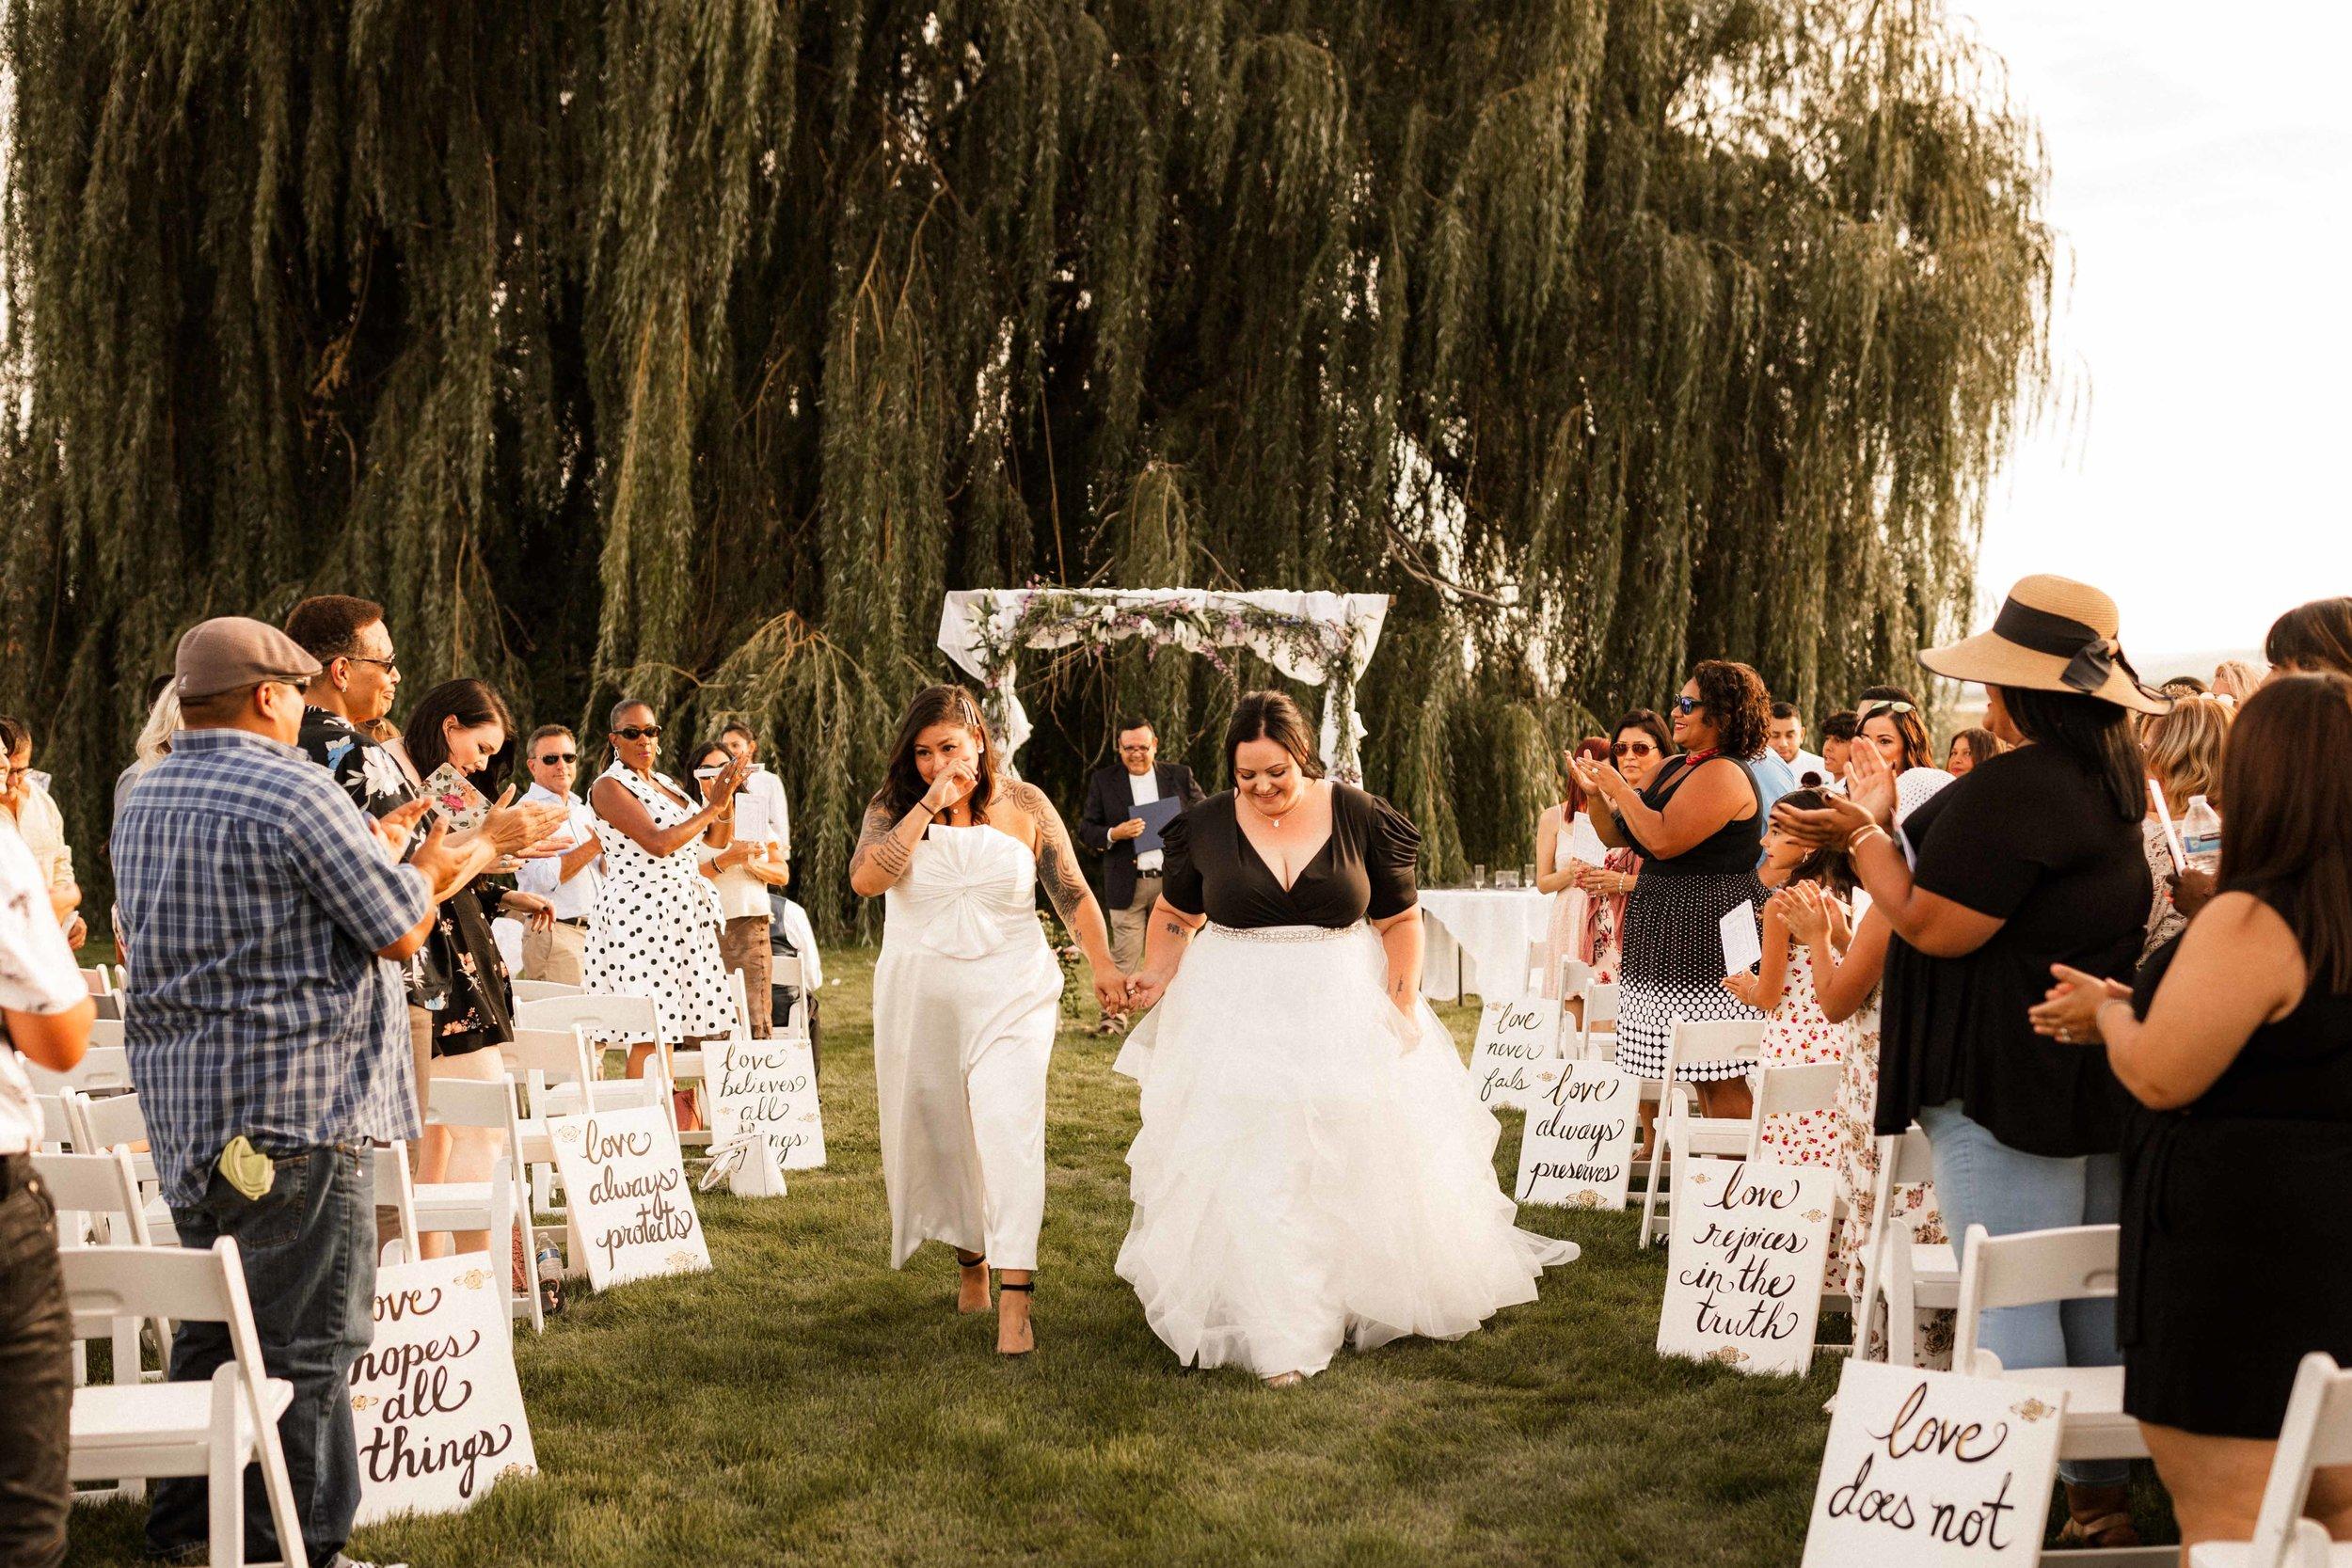 pasco-wedding-photos-23.jpg